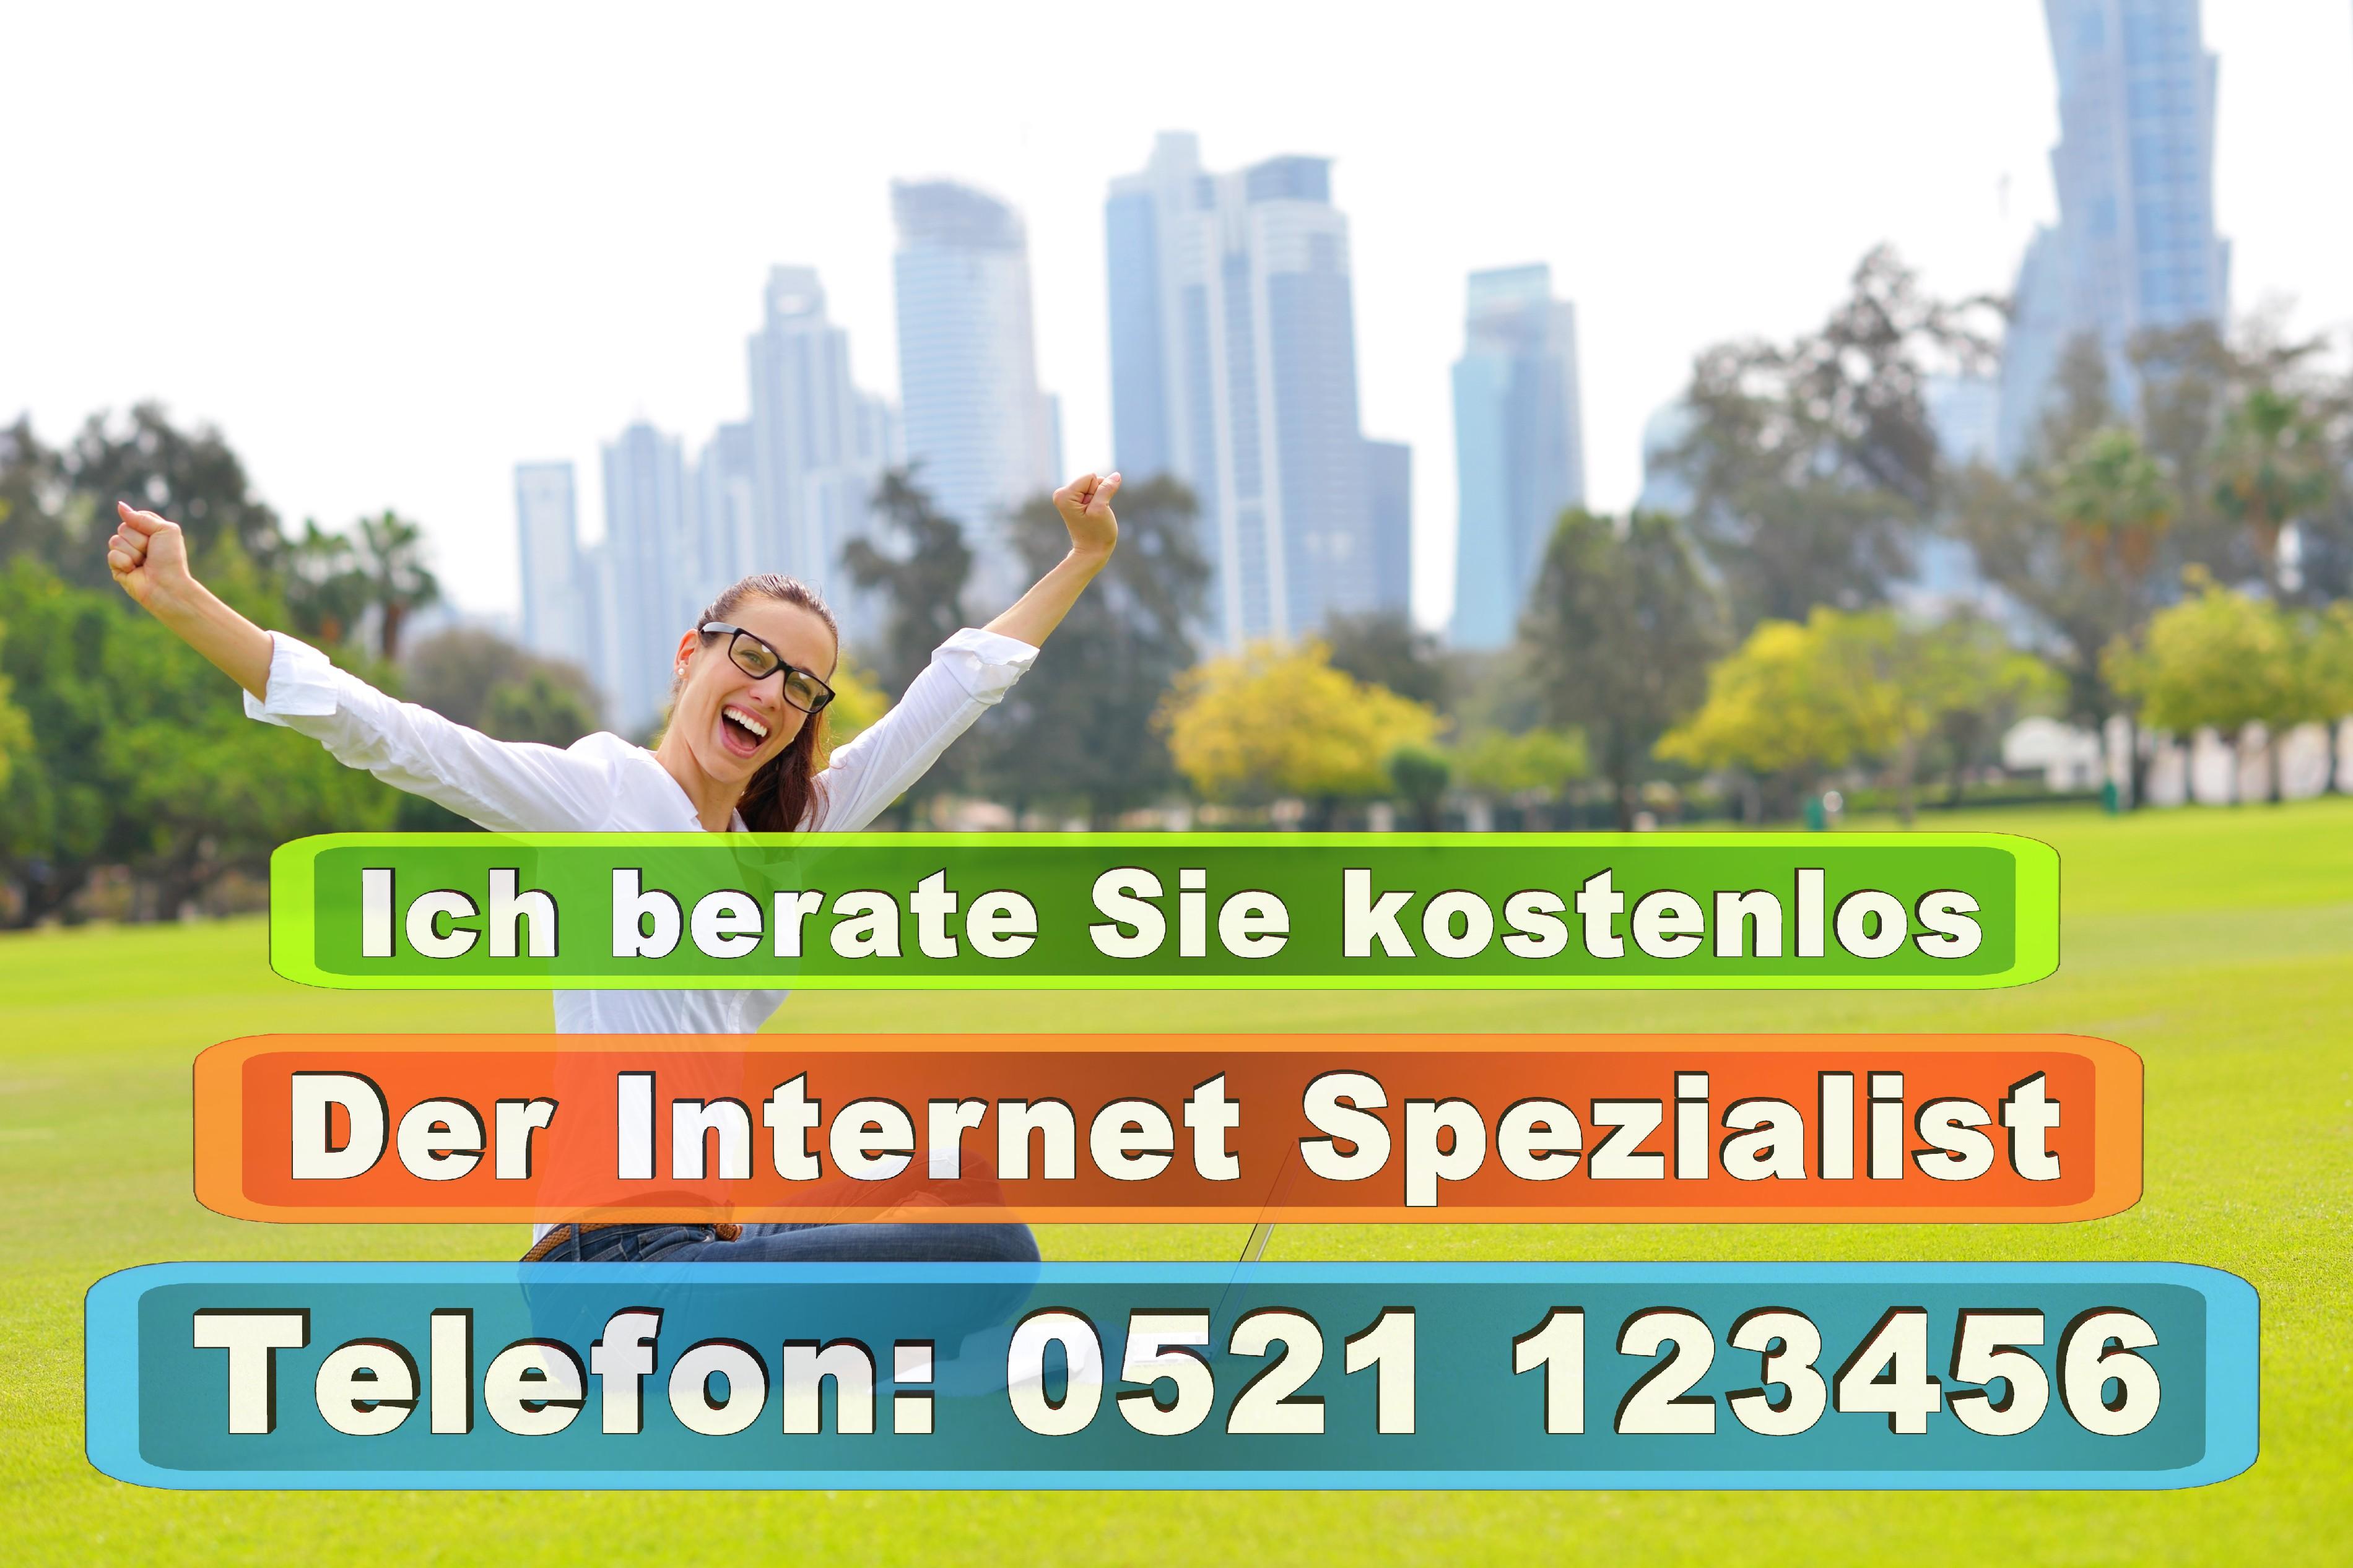 UNI Bielefeld Universität Bielefeld NRW Studentenwohnheim Mensa UNI Bielefeld NRW (11)